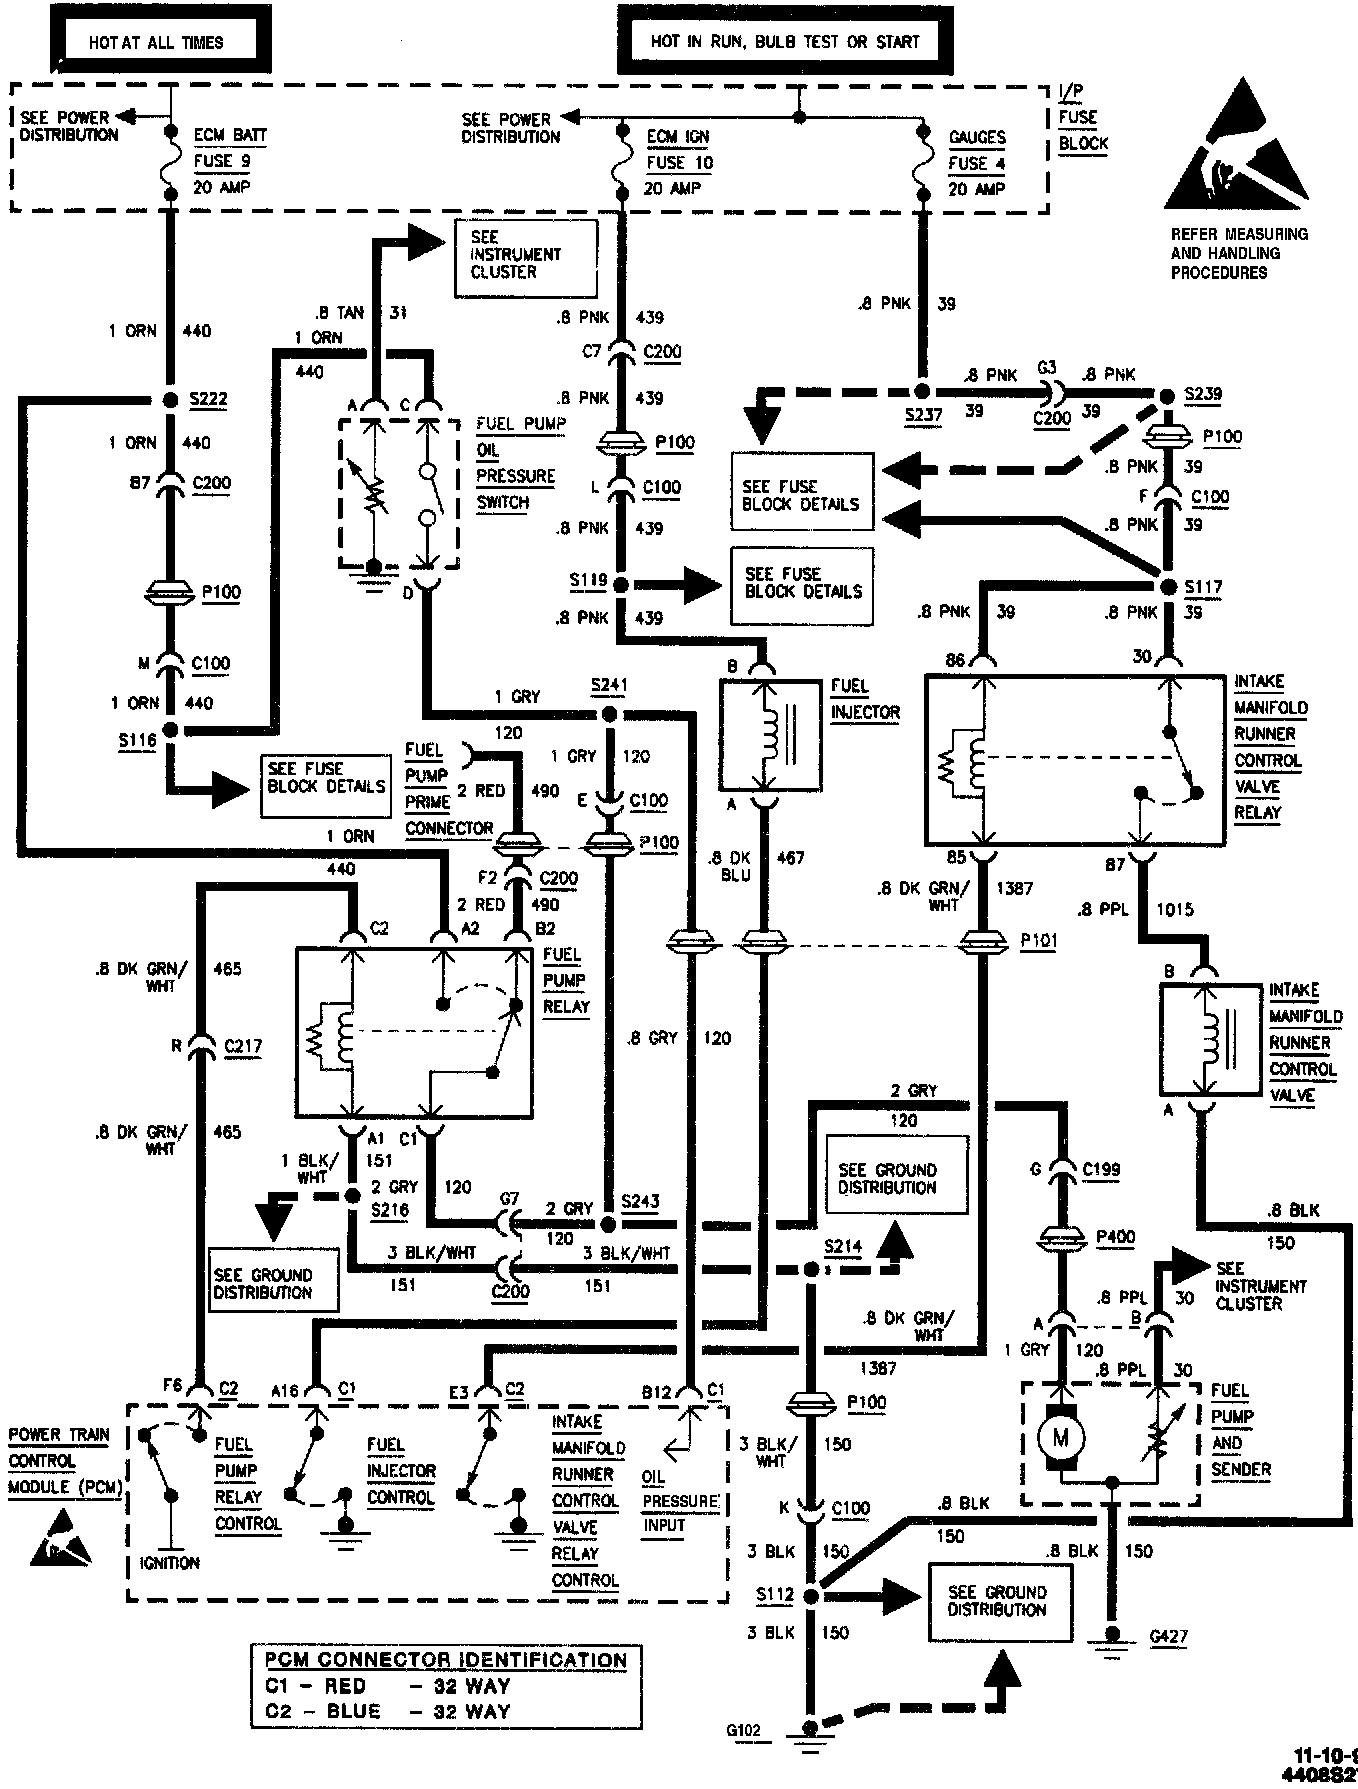 [SCHEMATICS_4NL]  ES_9163] 1996 Chevy Silverado Wiring Diagram Free Diagram | 2001 Blazer Trailer Wiring Diagram |  | Zidur Tobiq Olyti Spoat Usnes Botse Kargi Eatte Hisre Hendil Mohammedshrine  Librar Wiring 101